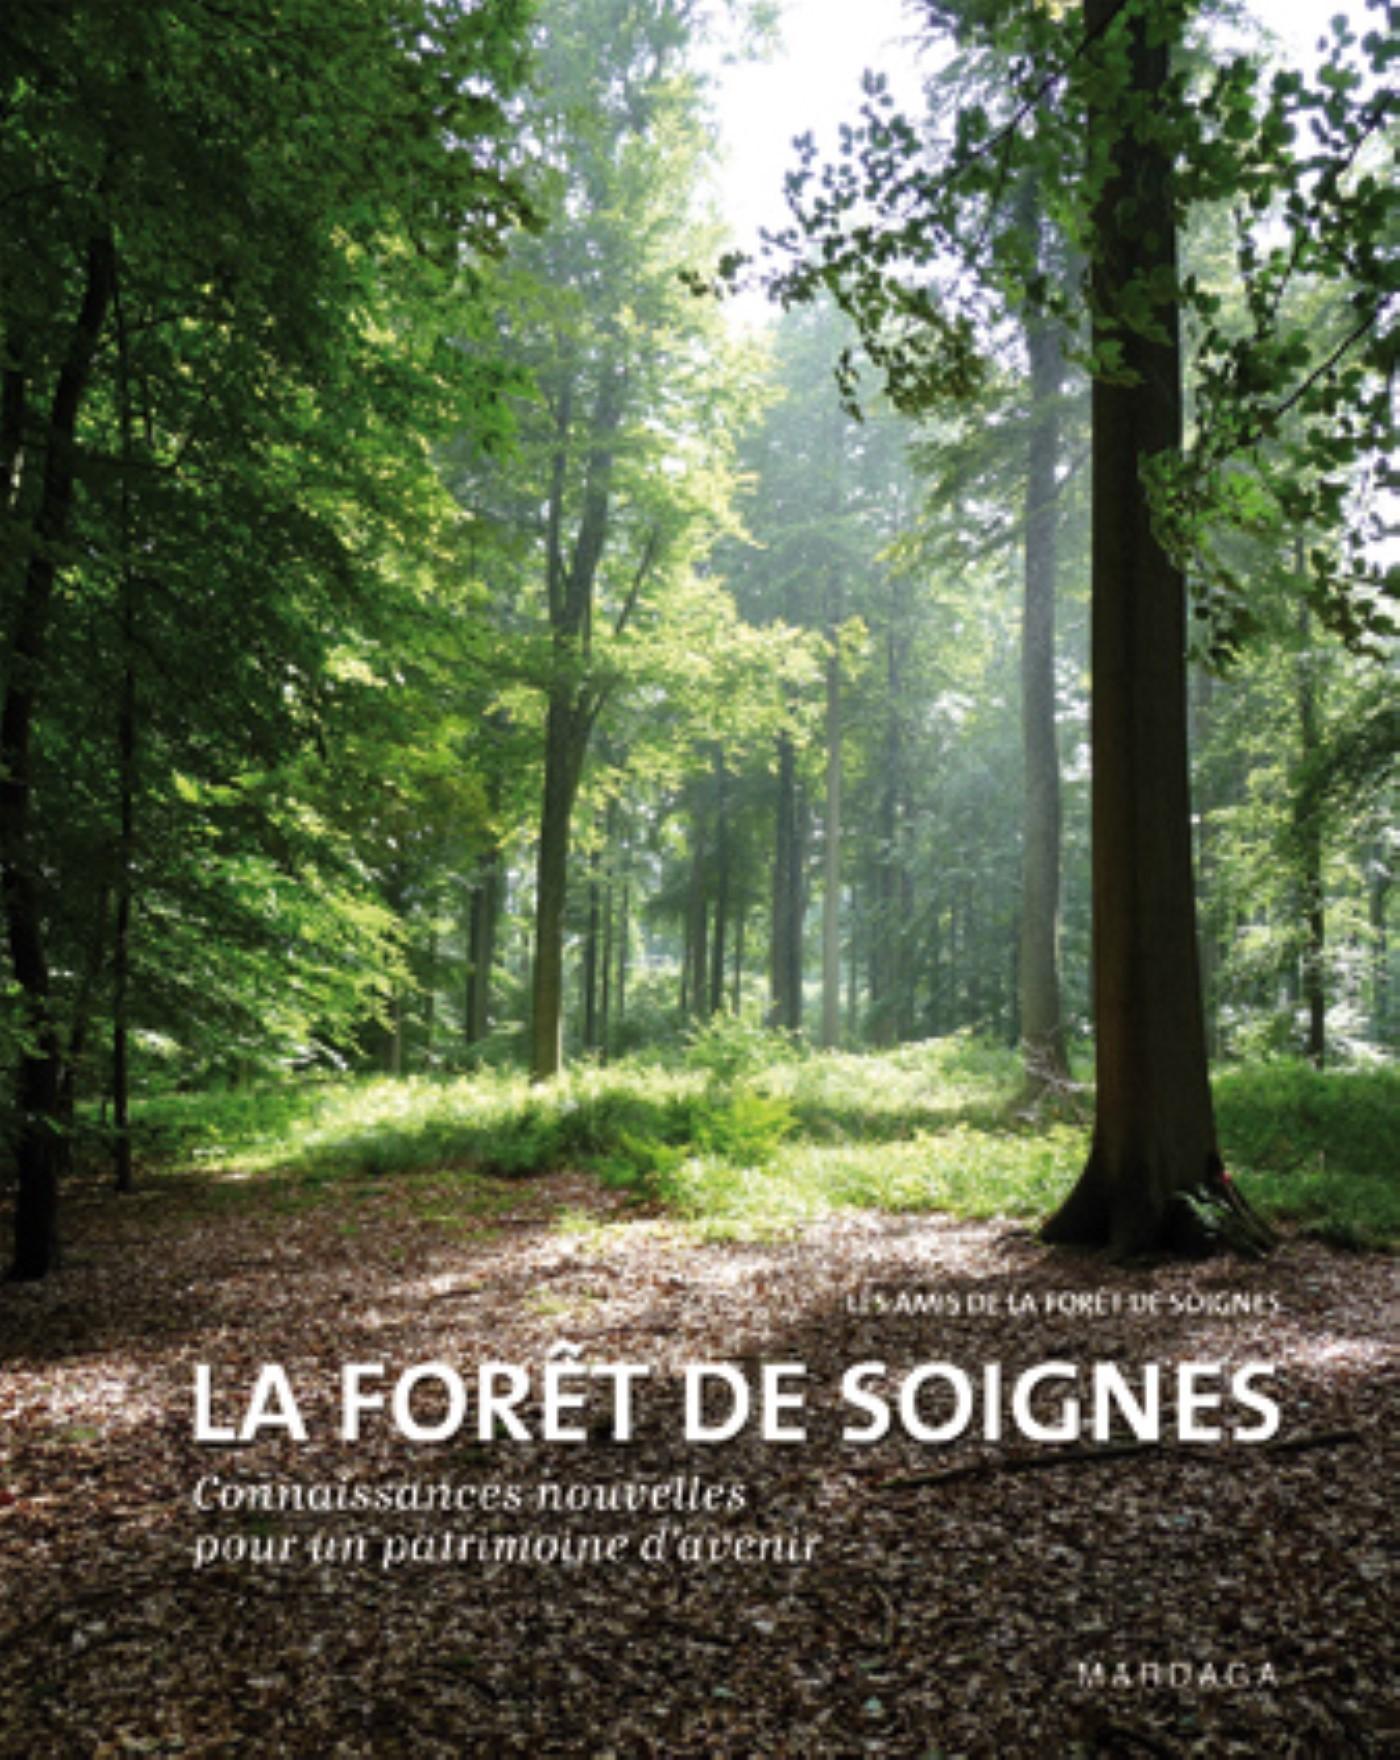 FORET DE SOIGNES. CONNAISSANCES NOUVELLES (LA)